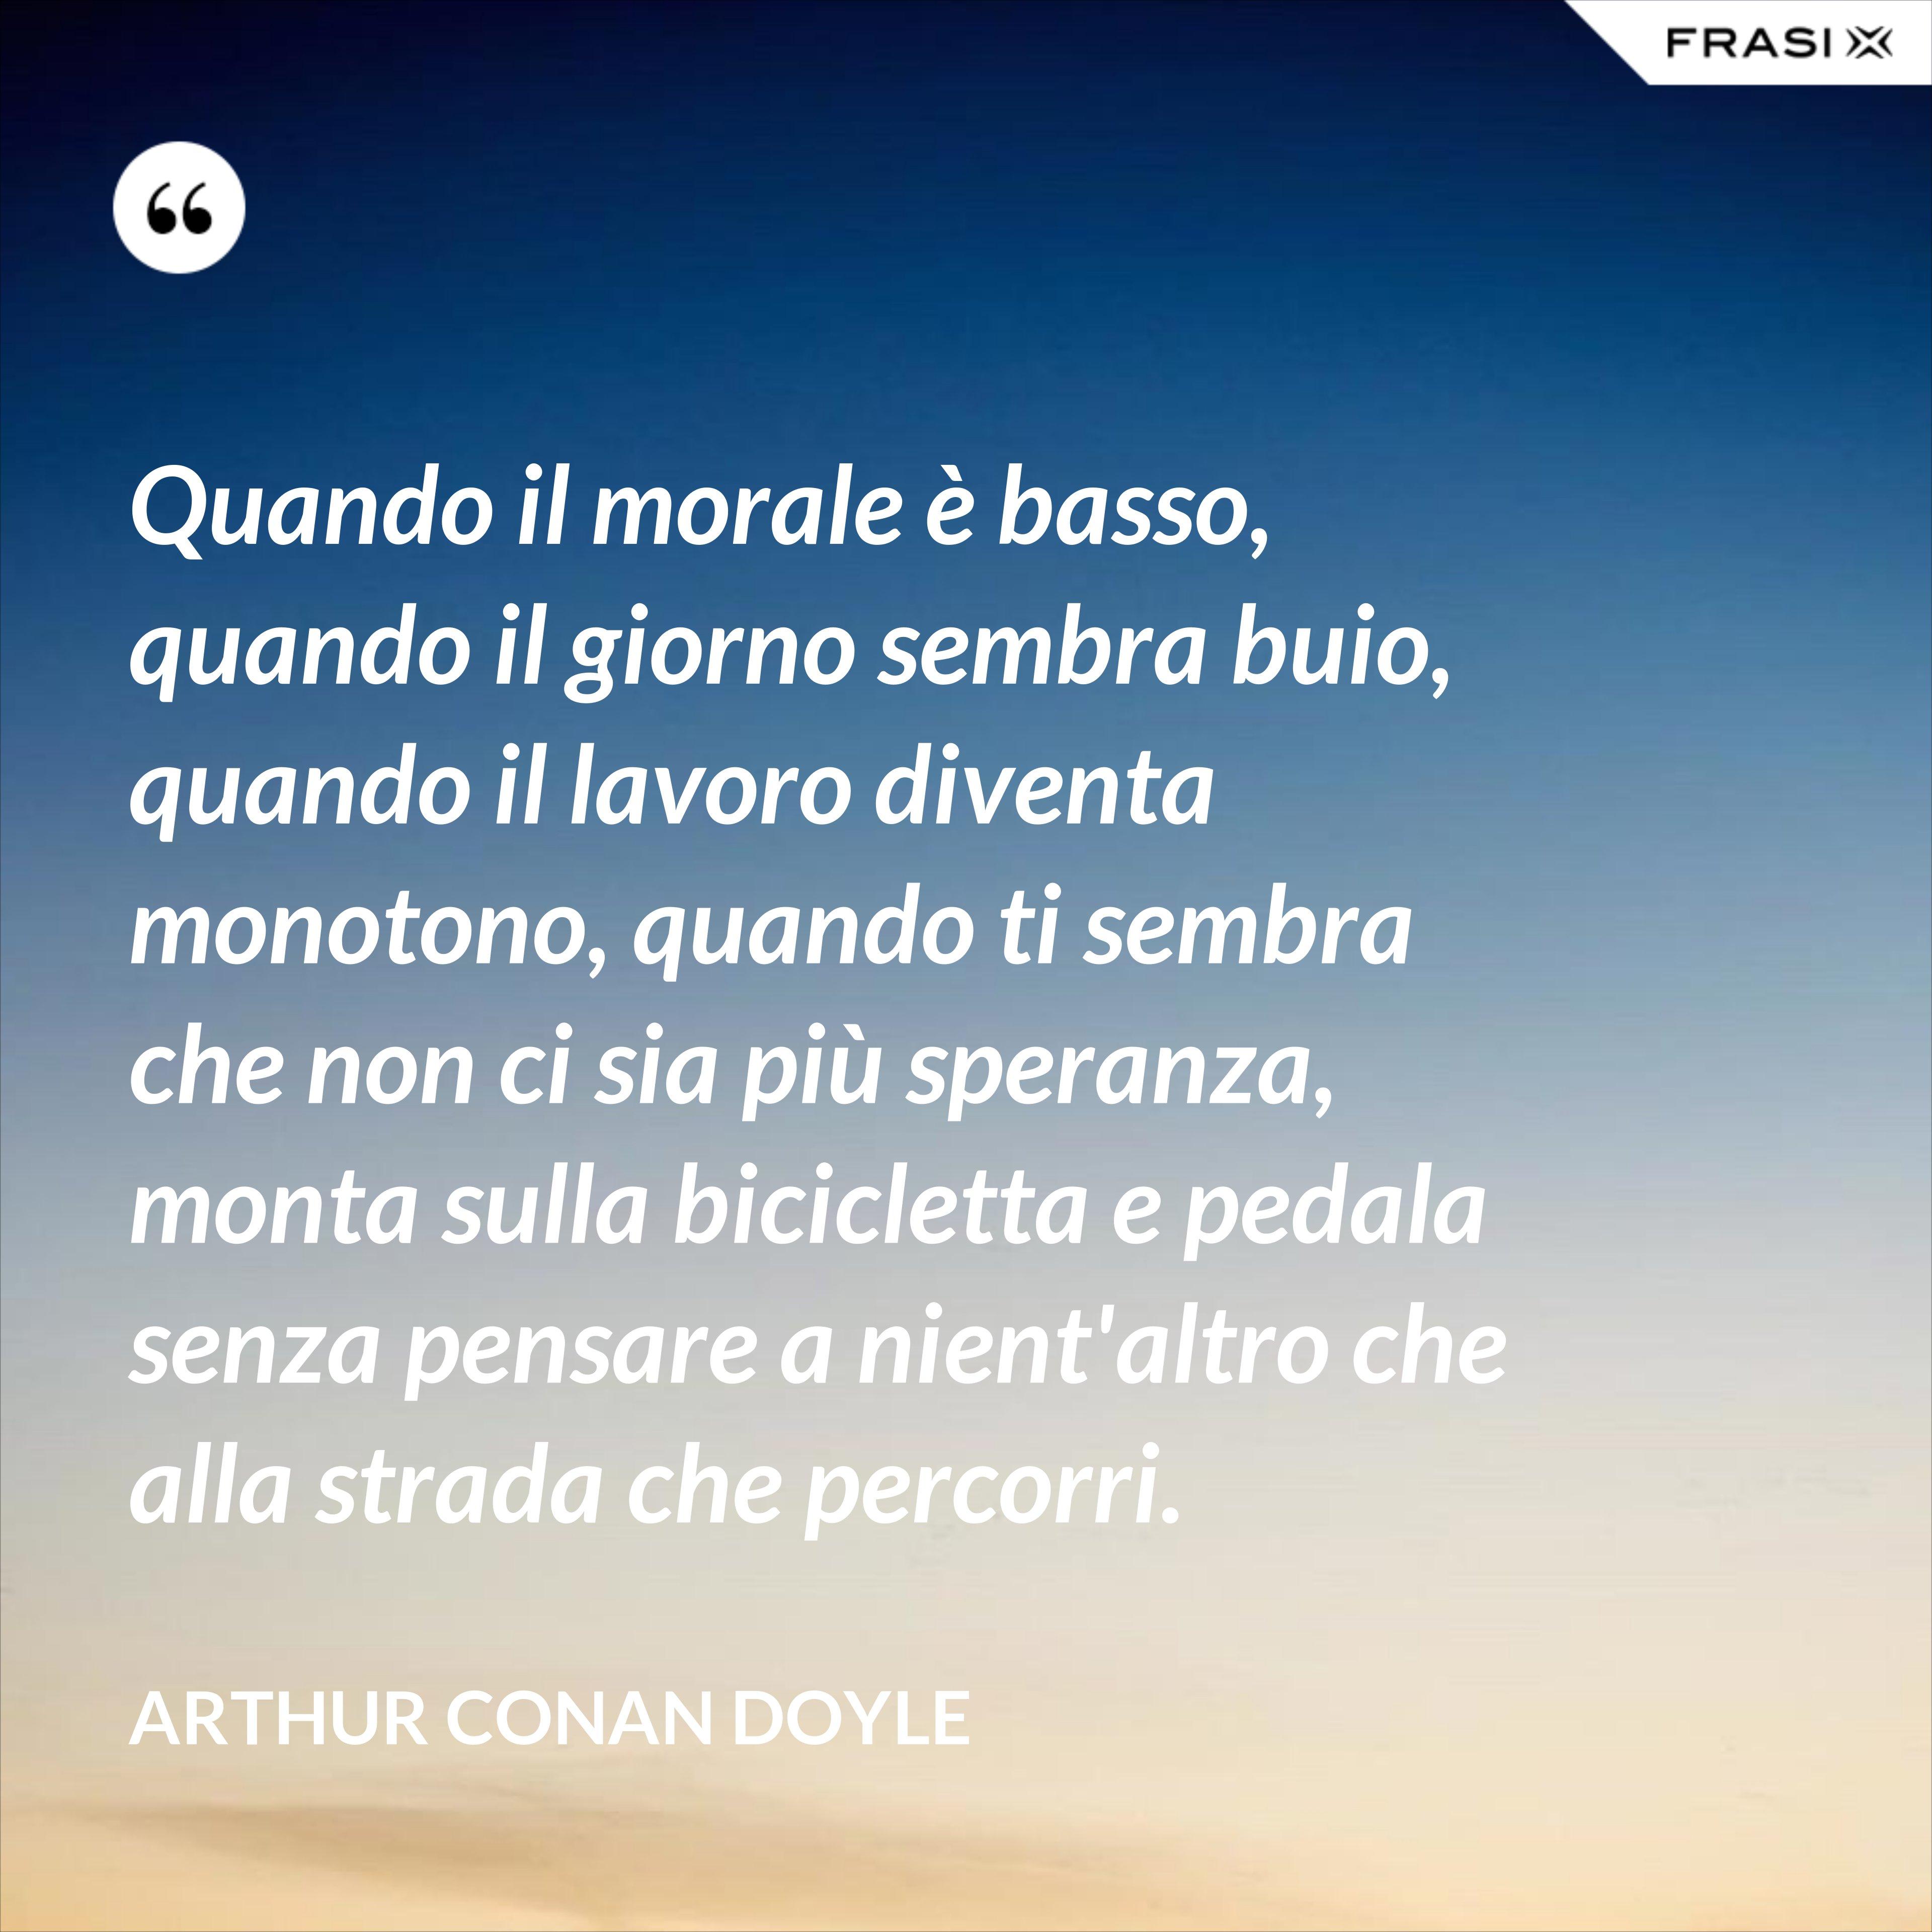 Quando il morale è basso, quando il giorno sembra buio, quando il lavoro diventa monotono, quando ti sembra che non ci sia più speranza, monta sulla bicicletta e pedala senza pensare a nient'altro che alla strada che percorri. - Arthur Conan Doyle